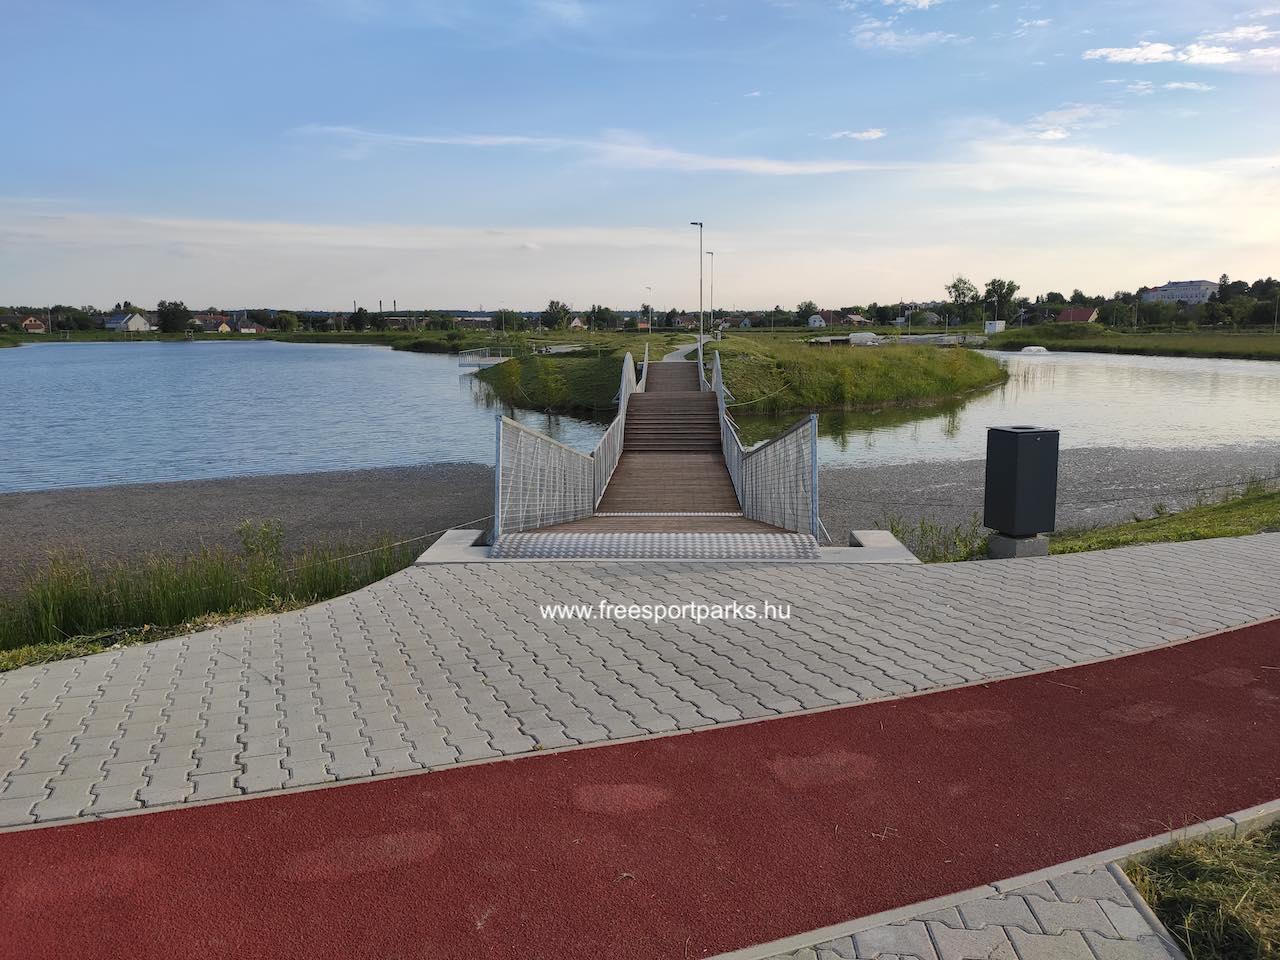 napozó-sziget hídja - Érd szabadidőpark - Free Sport Parks térkép